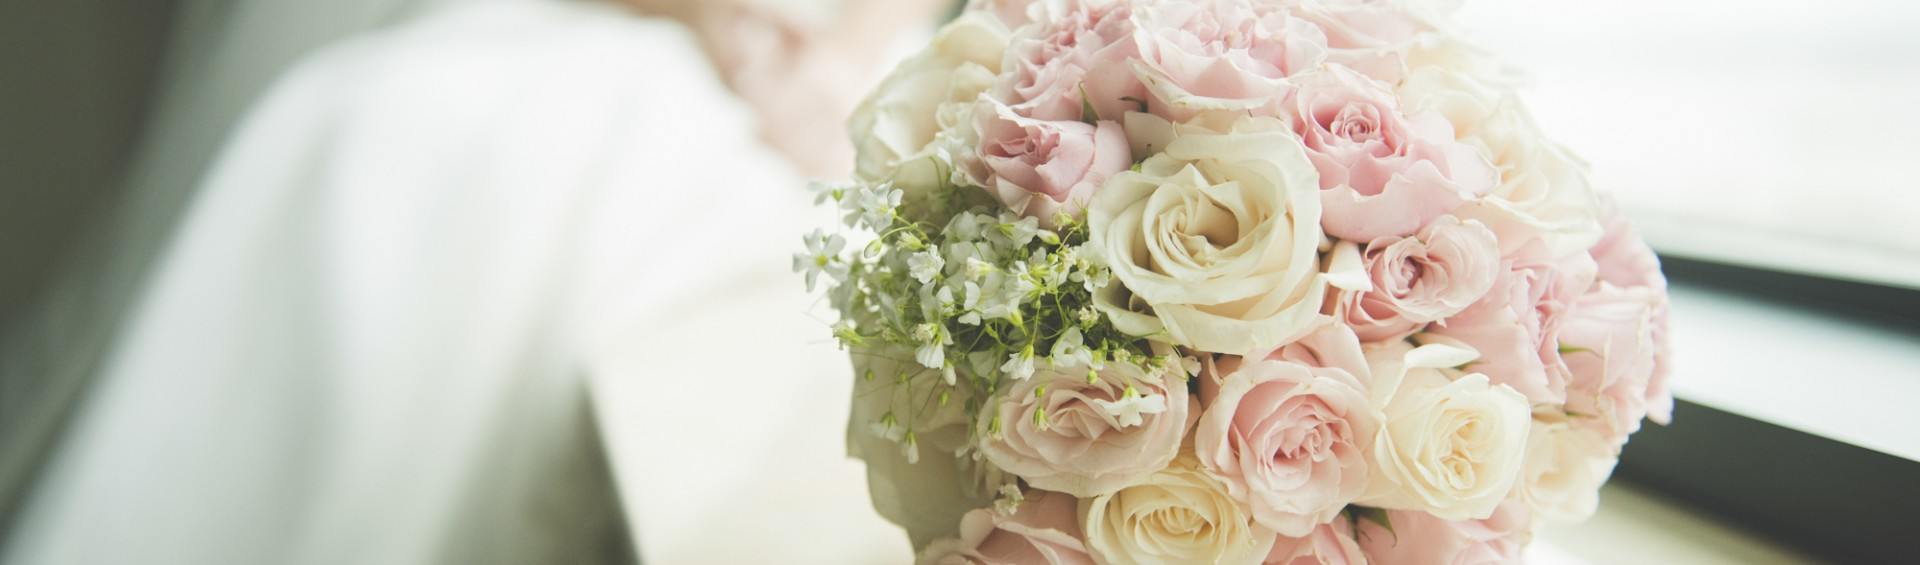 fotografía de bodas - preparativos de la novia - getting ready wedding photography